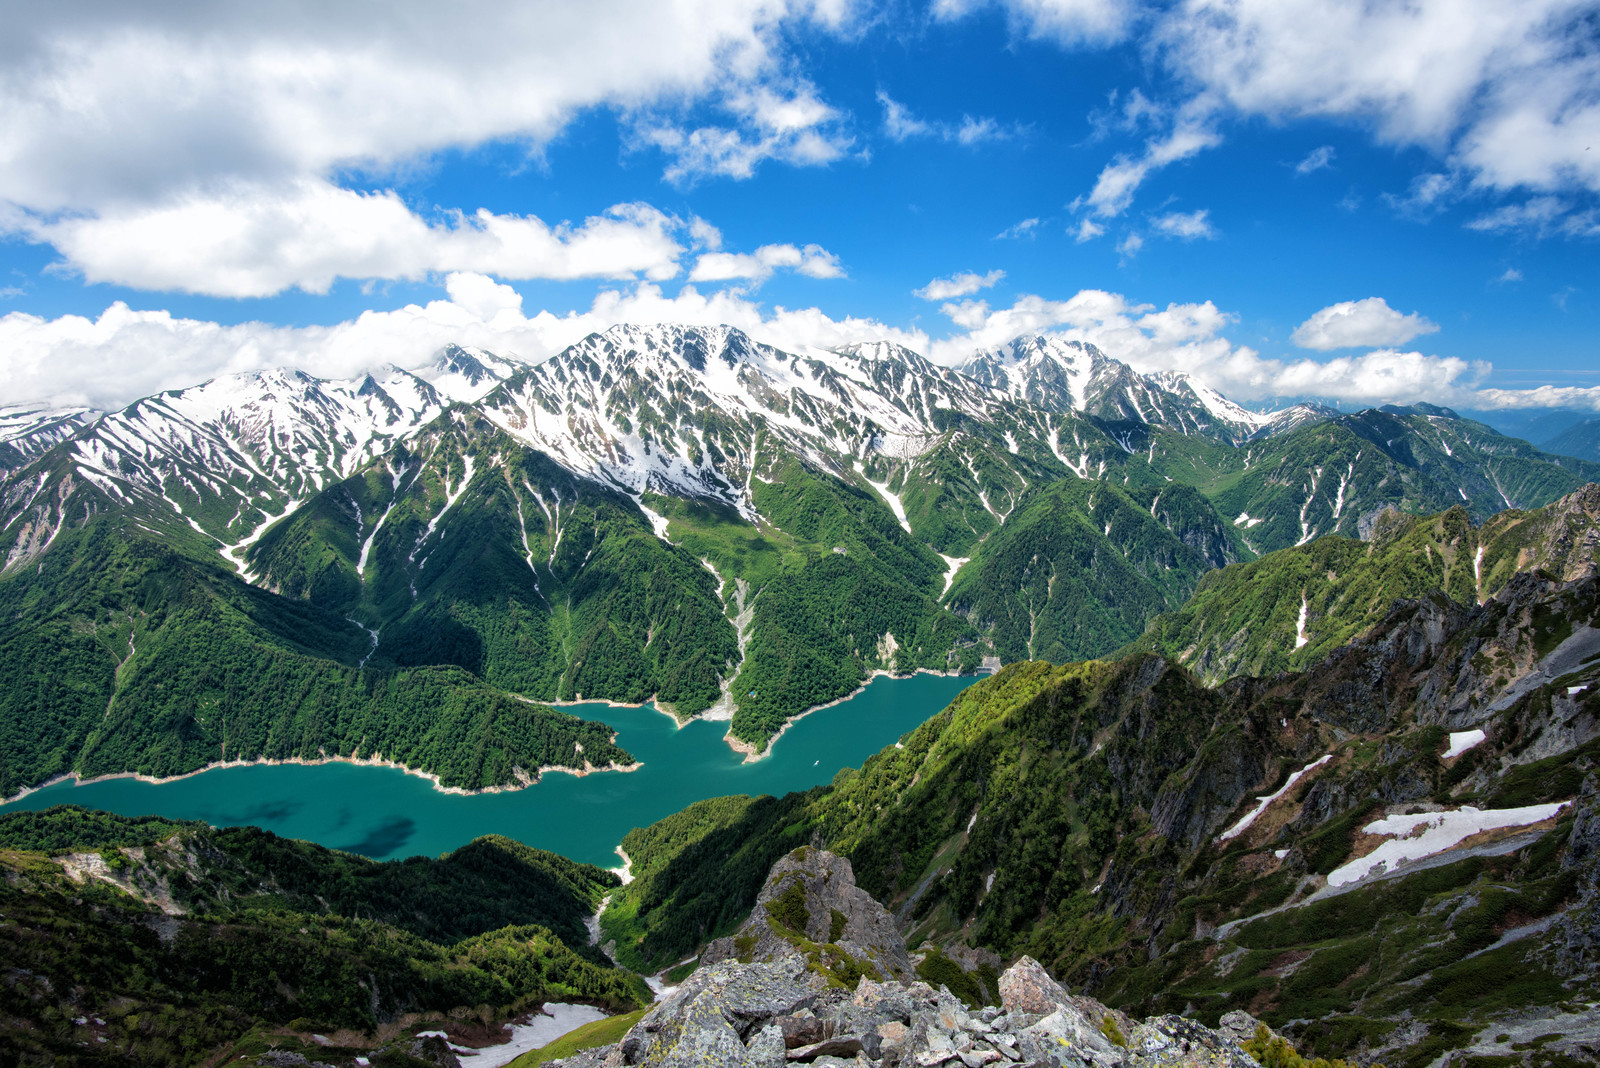 「針ノ木岳山頂の大パノラマ(新緑期)」の写真